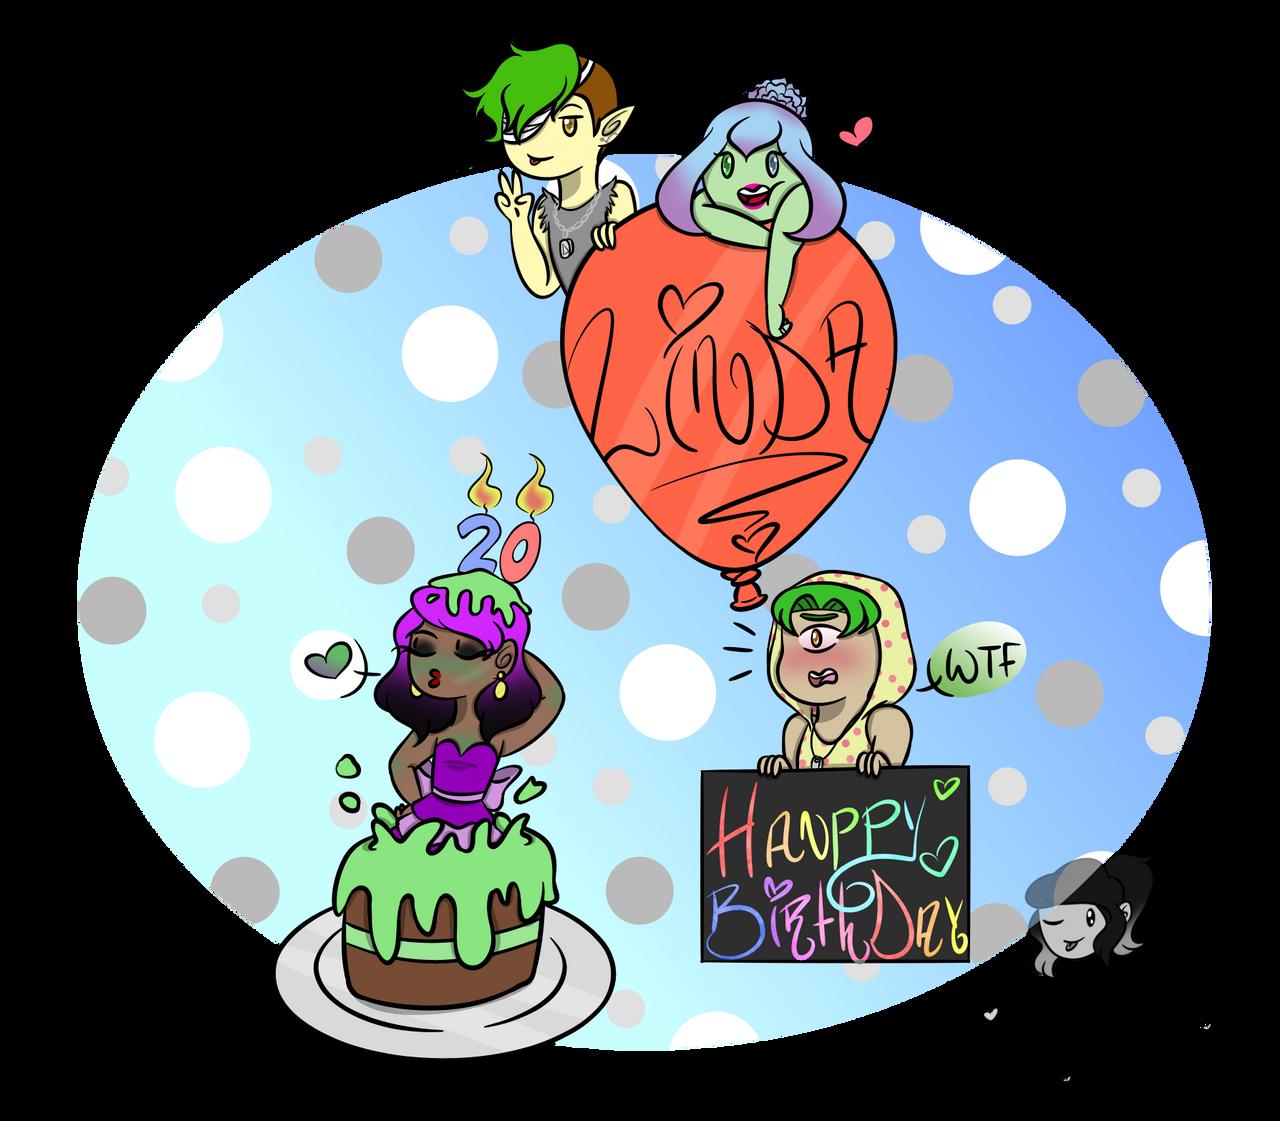 Hanppy Birthday Binch! by AshleyLeDork